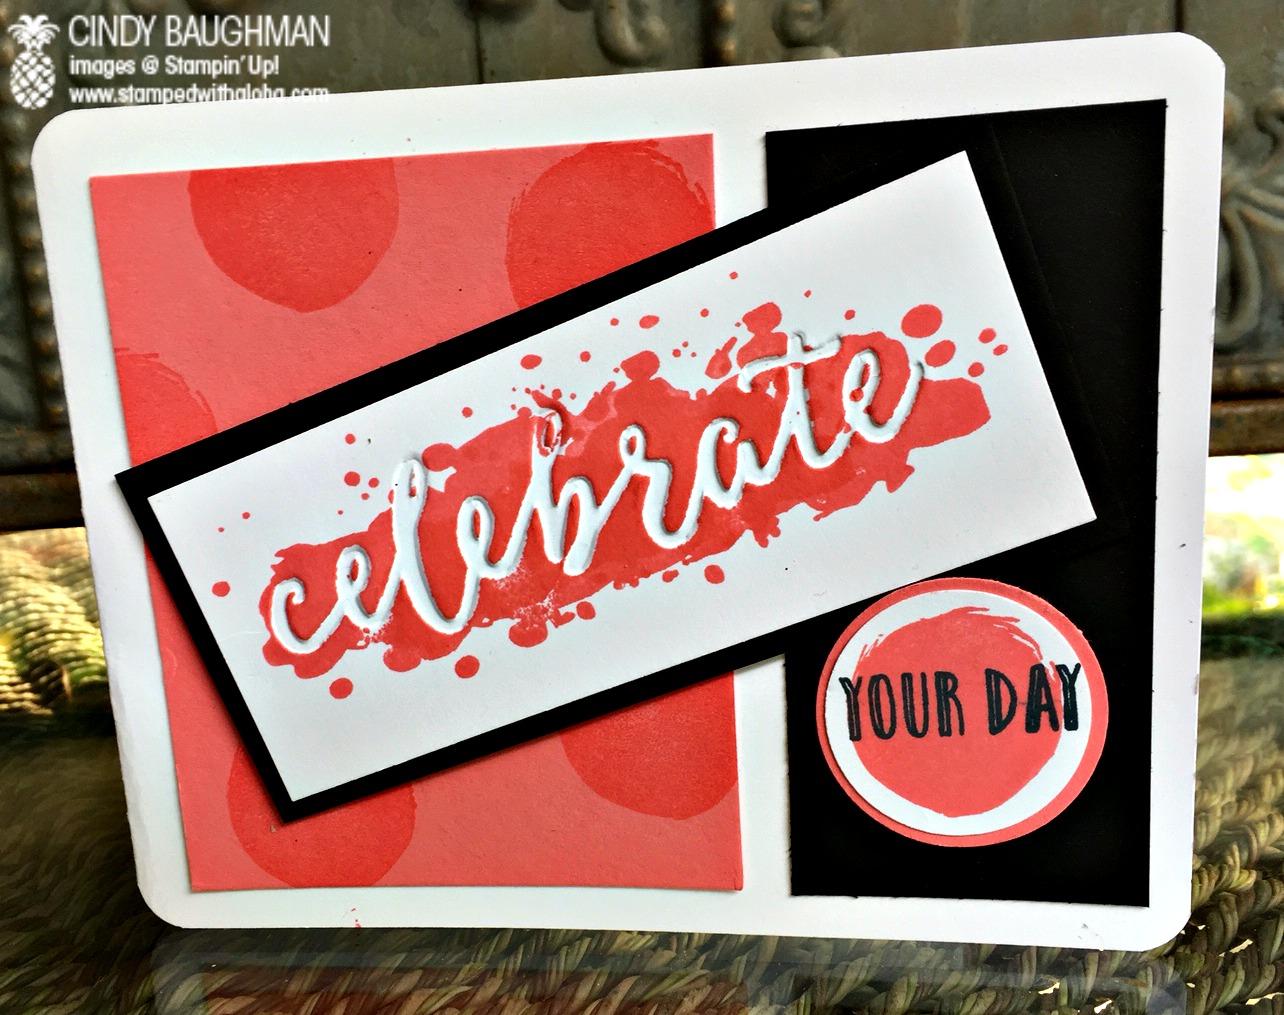 Happy Celebrations Card - www.stampedwithaloha.com